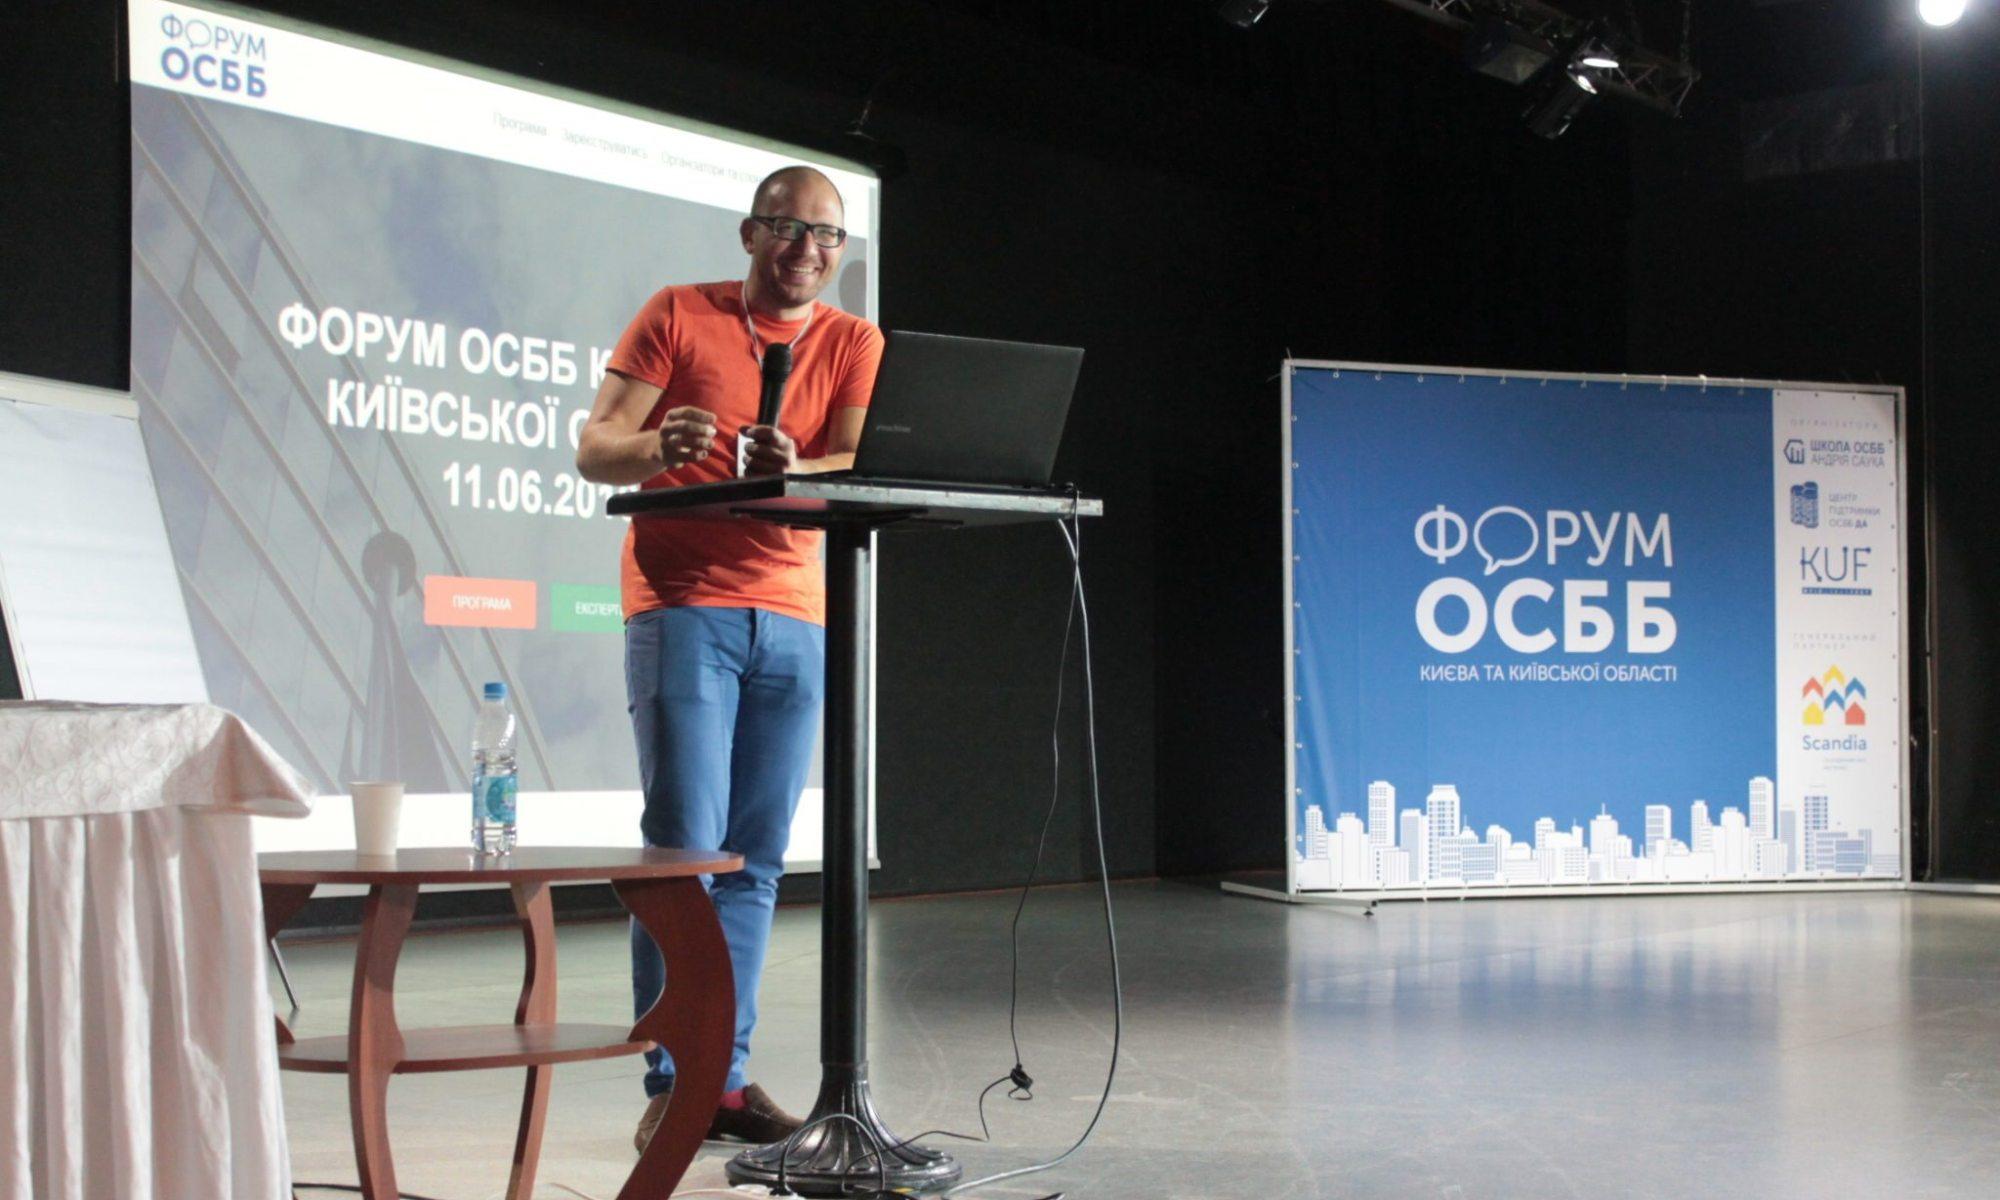 Форум ОСББ Бровари Андрій САУК